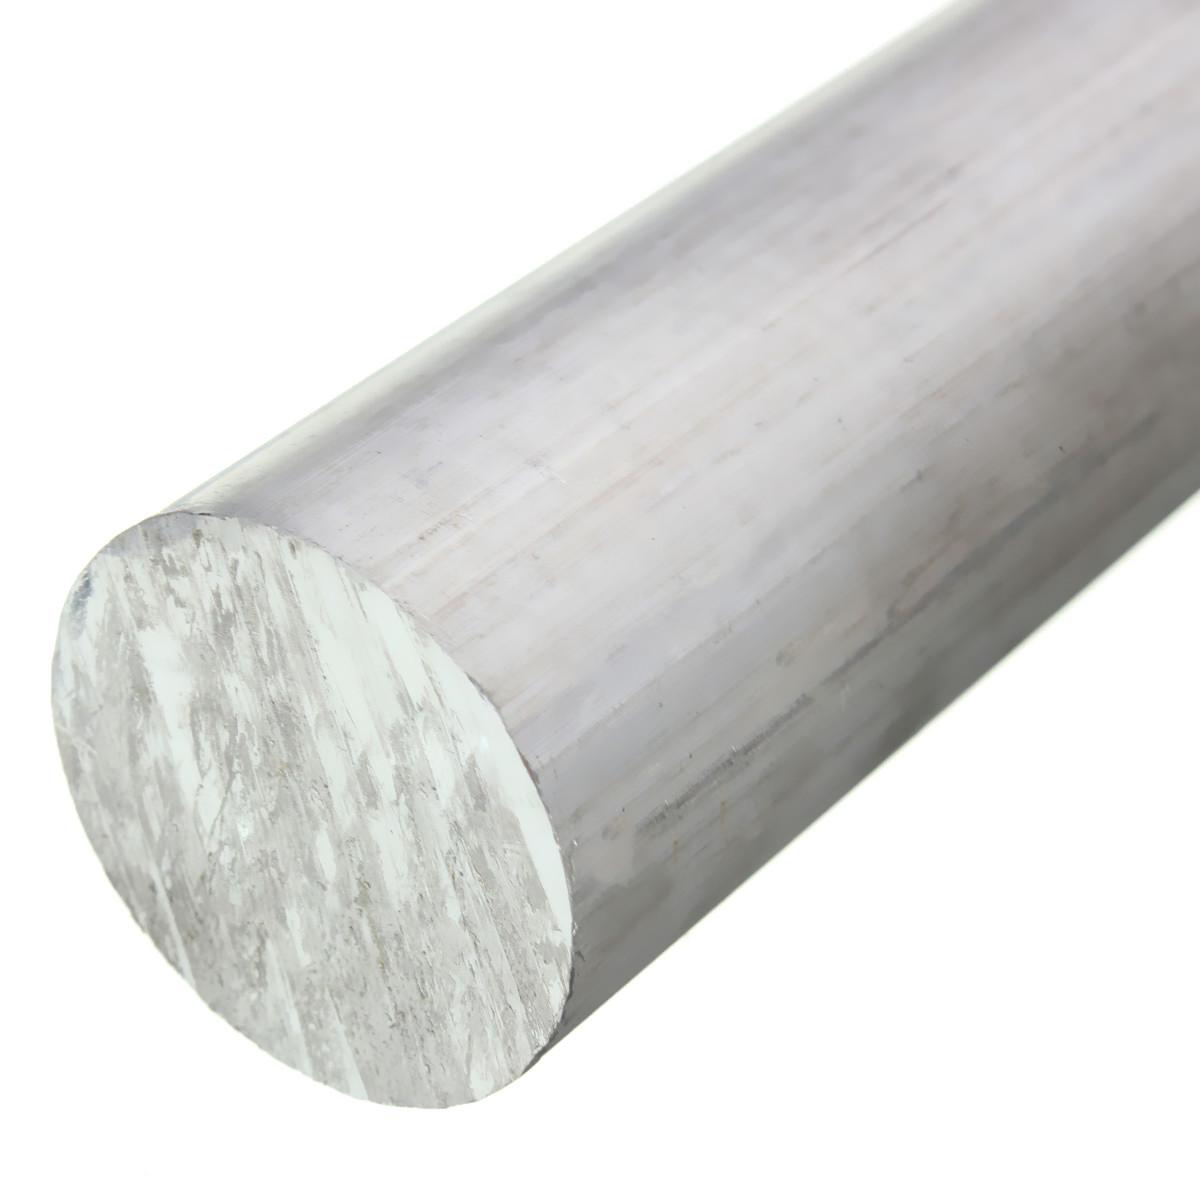 Solid Aluminum Pipe : Aluminum round rod bar tube inch diameter